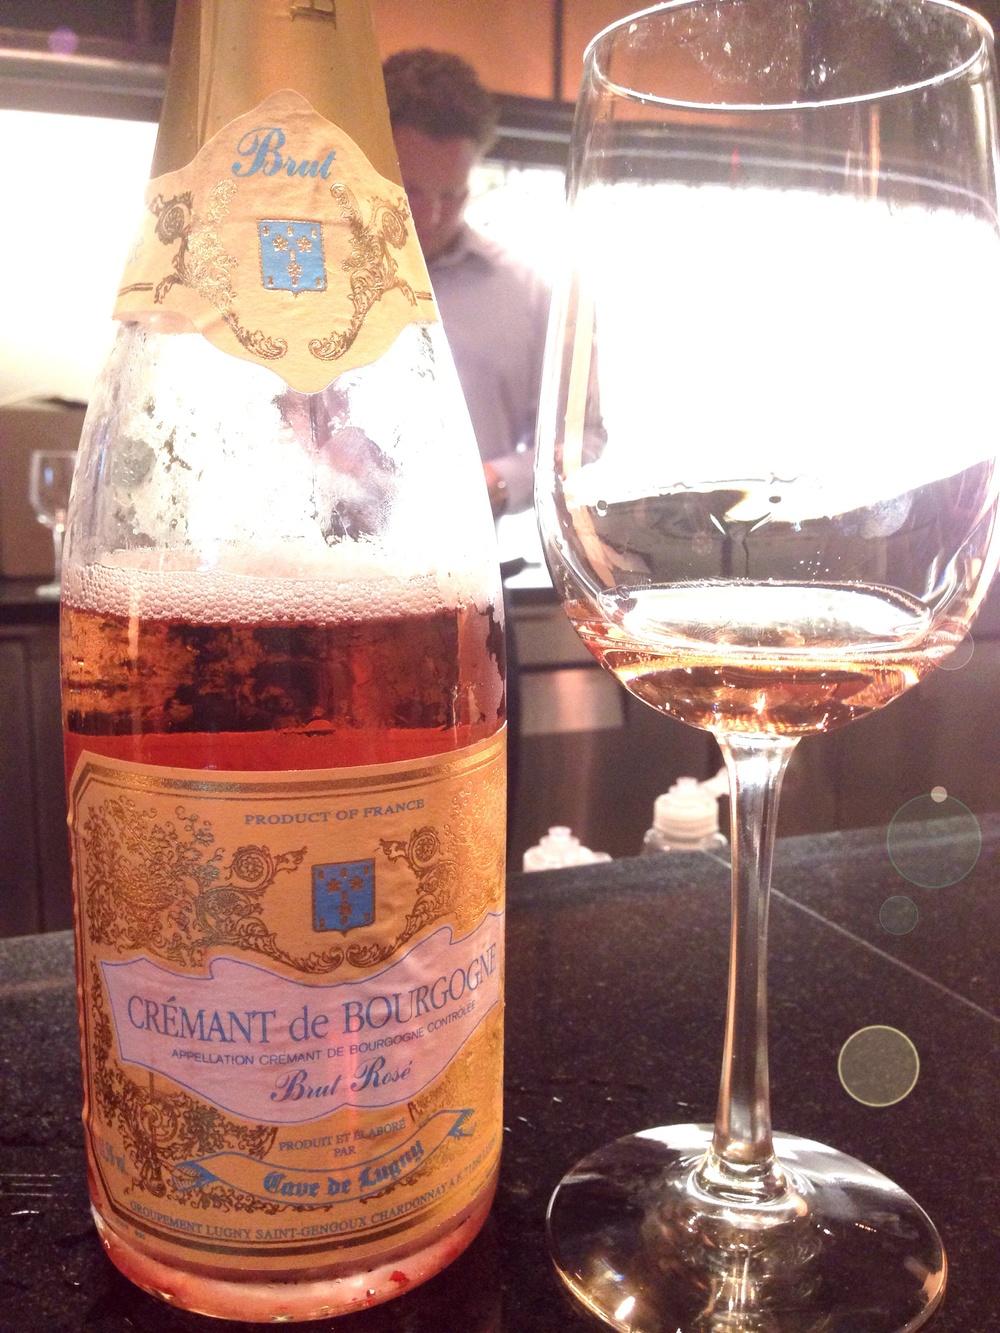 Cremant de Bourgogne - Brut Rose